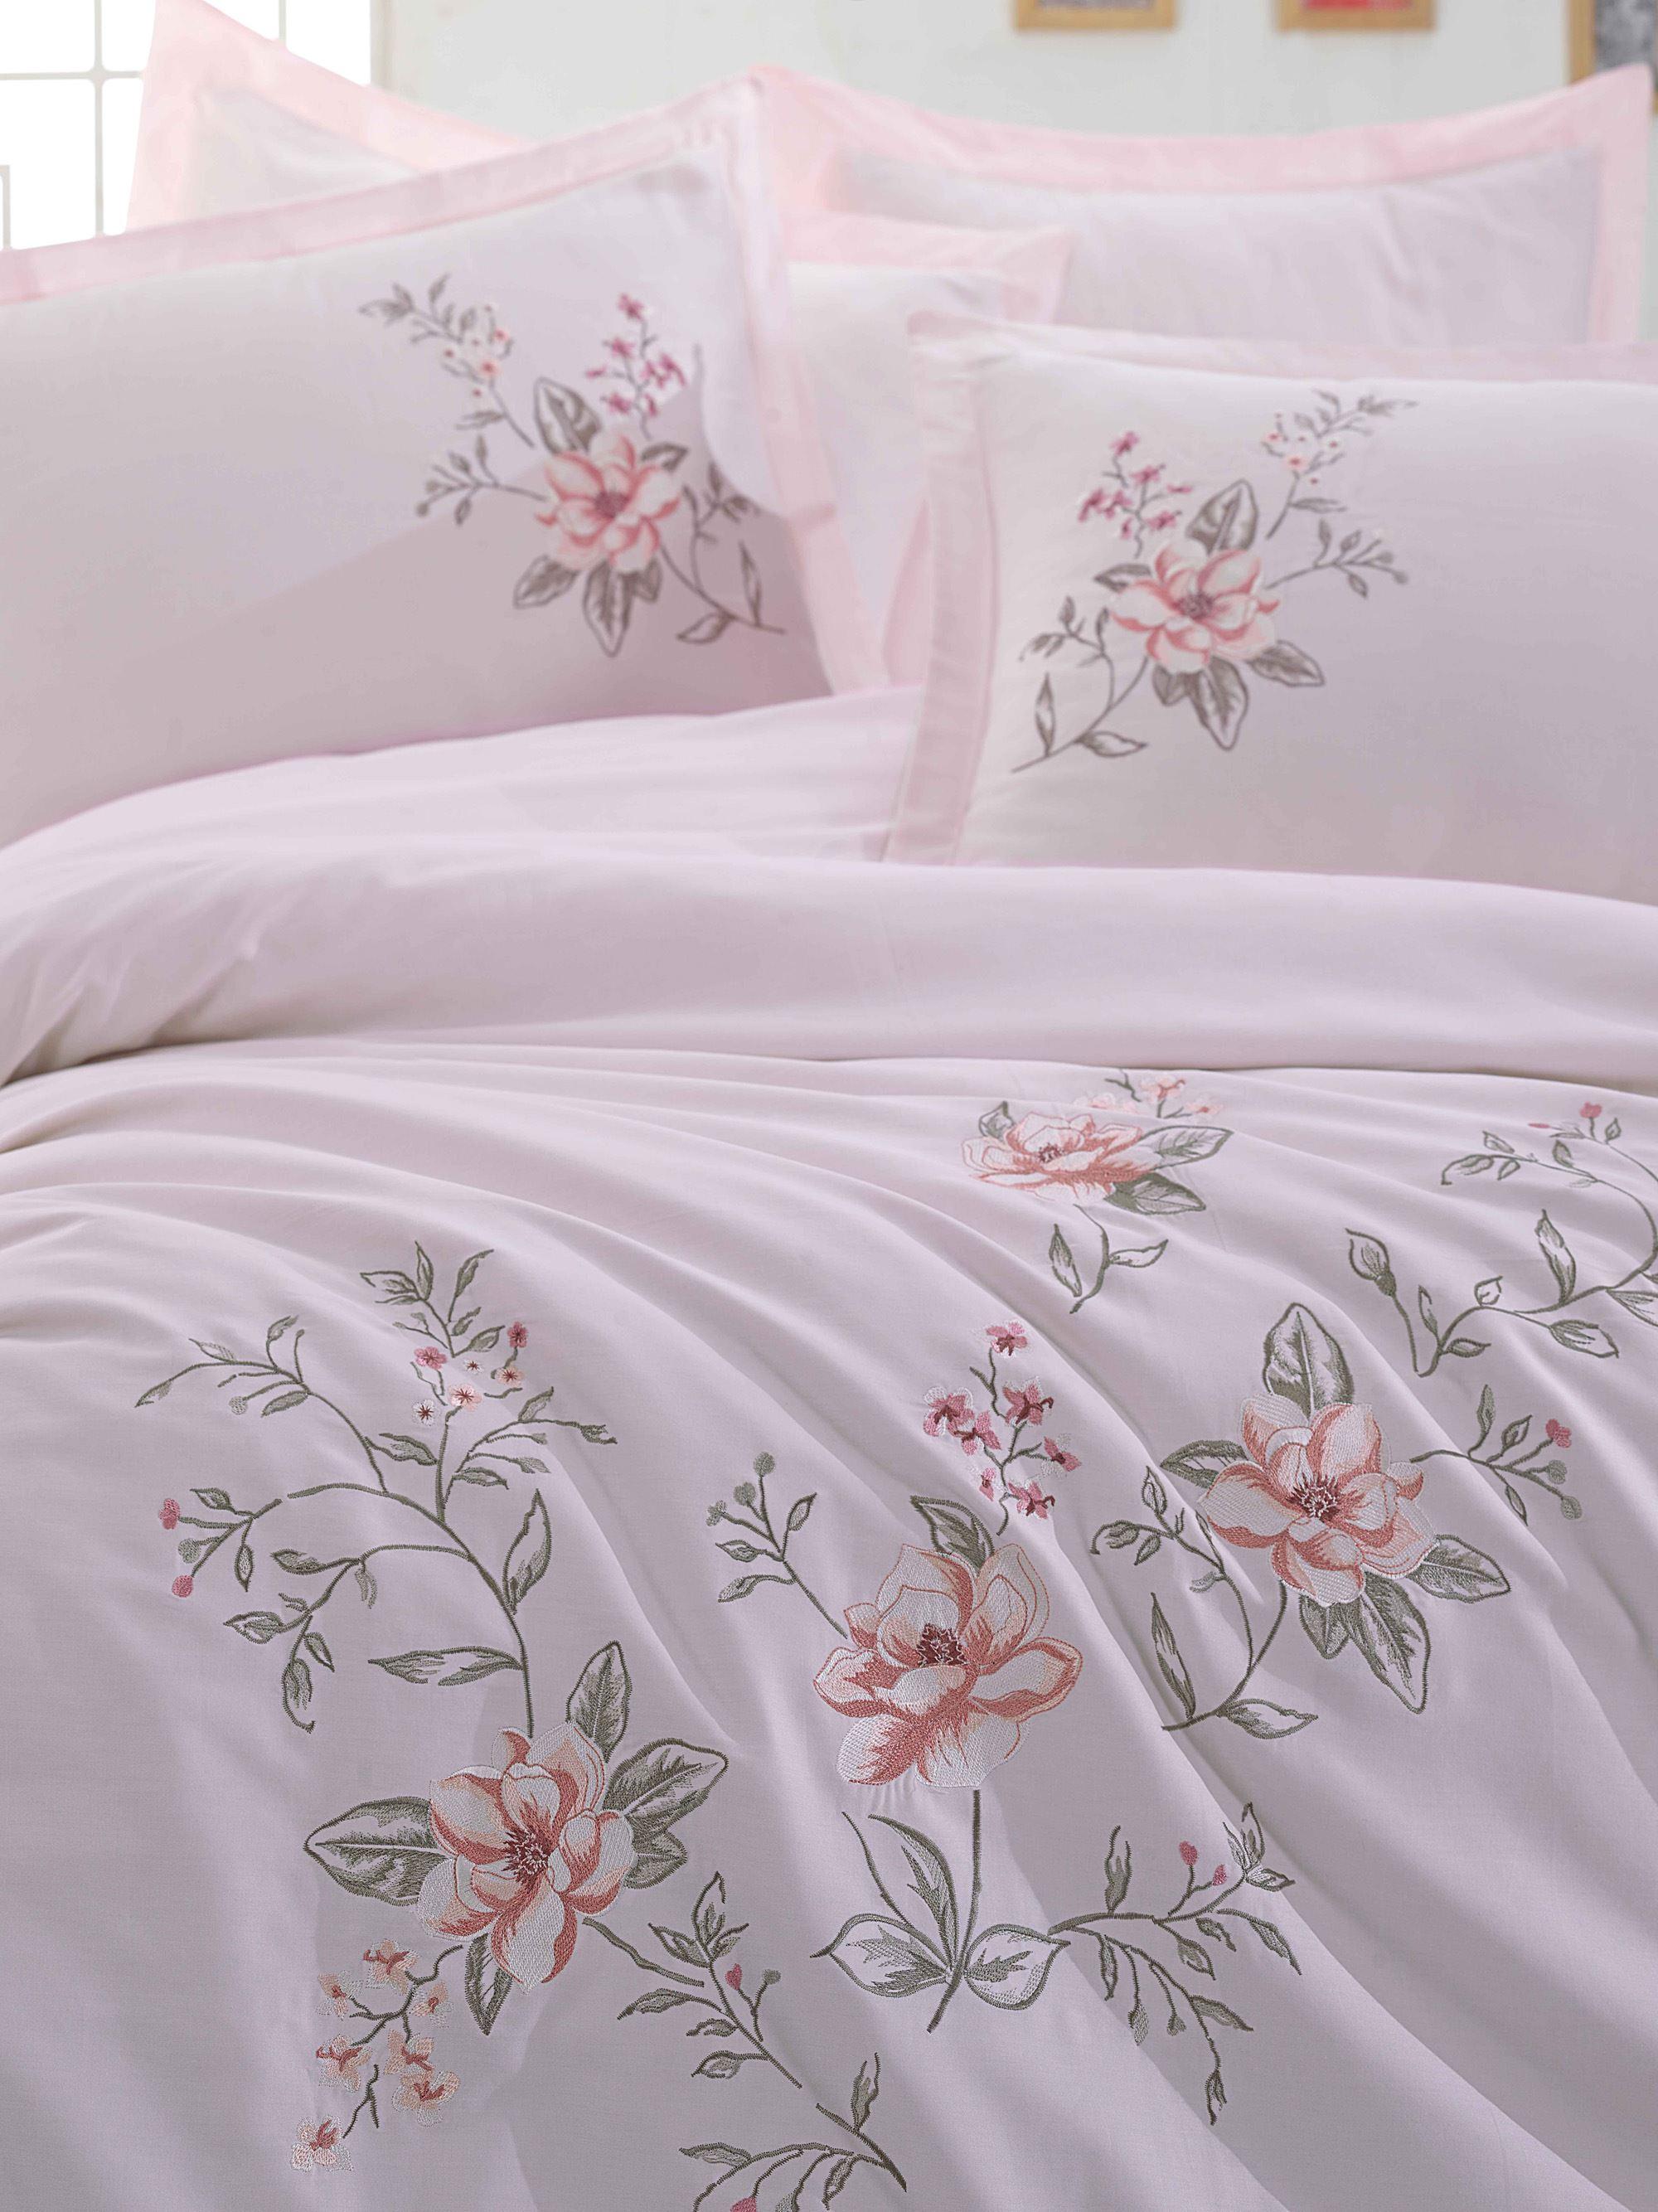 Купить Комплекты постельного белья Dantela Vita, Постельное белье Acelya Цвет: Пудра (2 сп. евро), Турция, Розовый, Хлопковый сатин